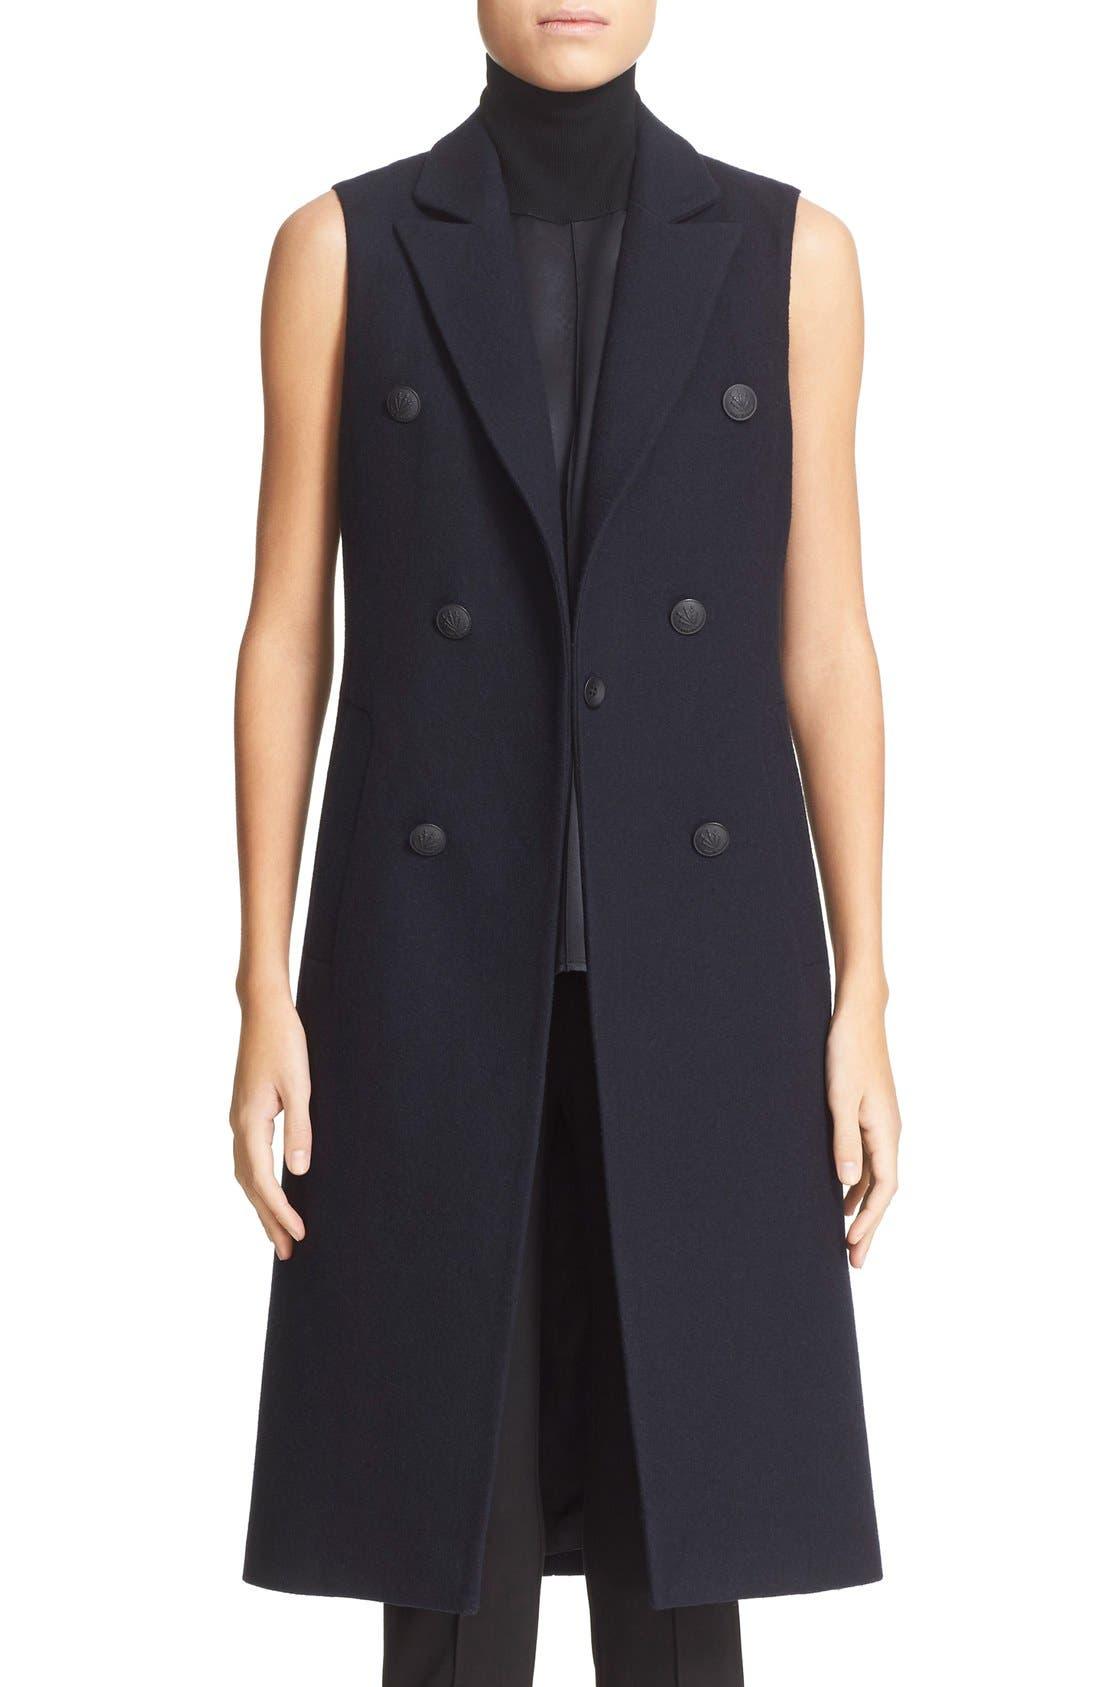 Main Image - rag & bone 'Faye' Longline Double Breasted Wool Blend Vest